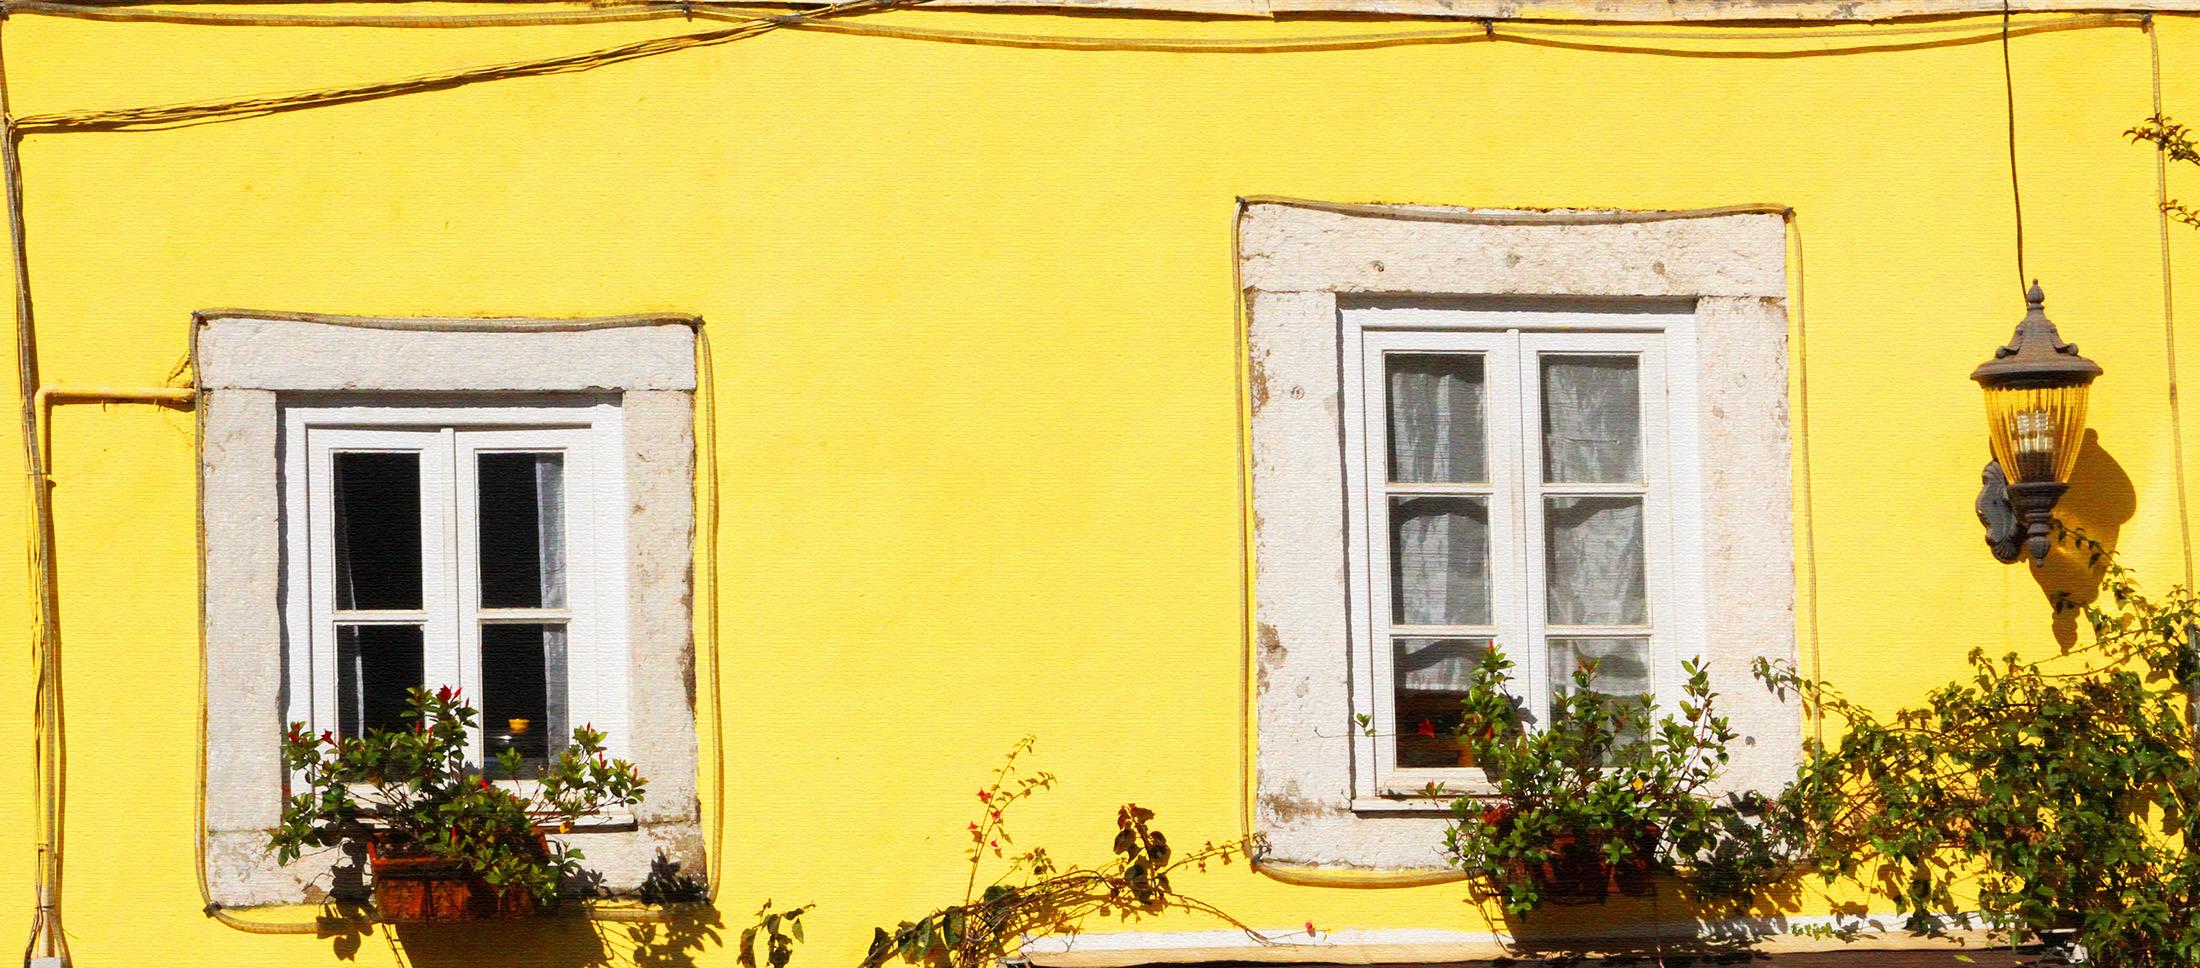 Balcones y ventanas. LXXXII